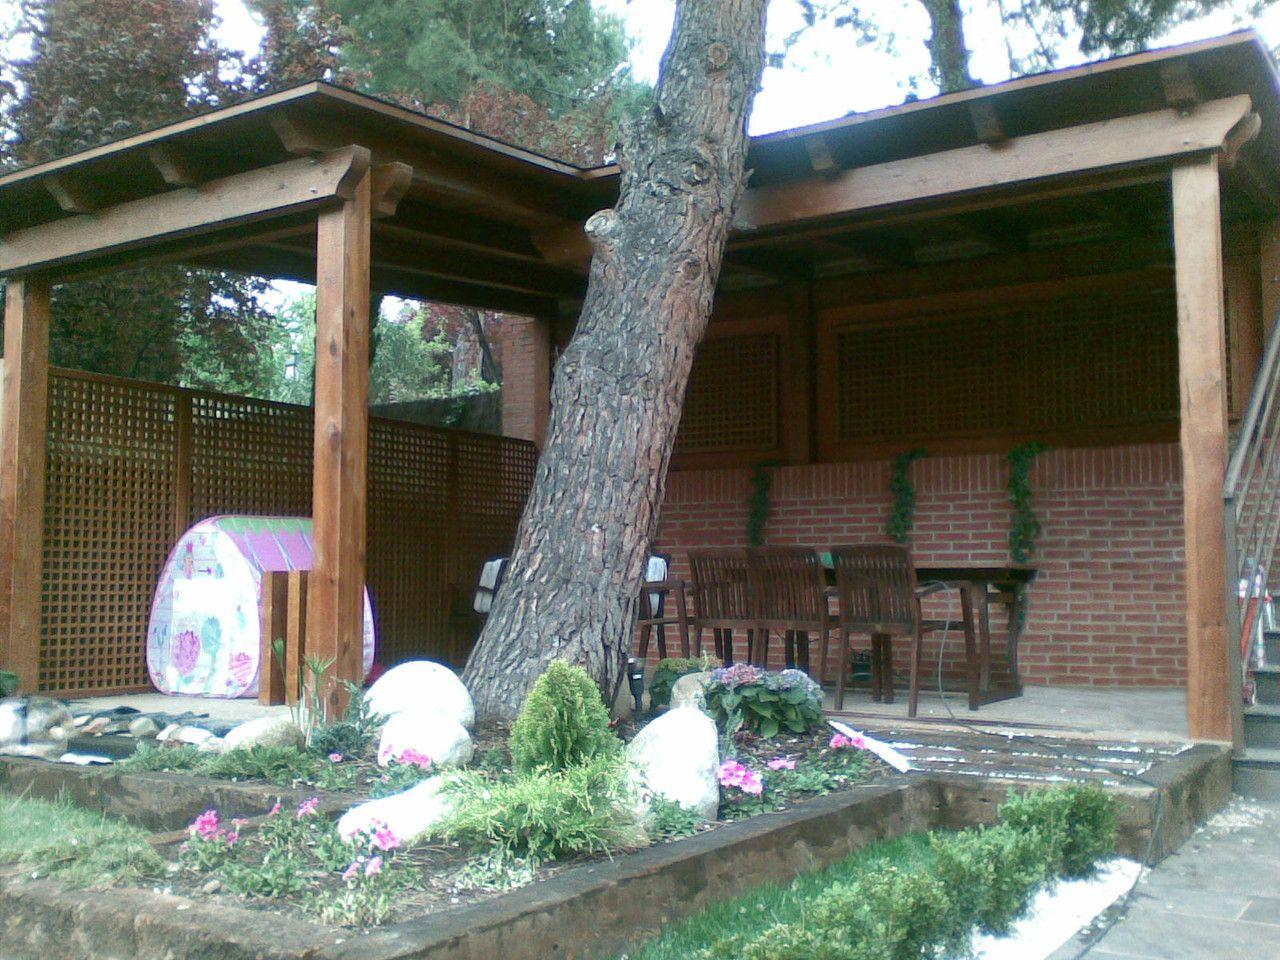 Porches garajes marquesinas pergojardin decoracion exterior de madera pergolas porches - Pergolas y porches ...